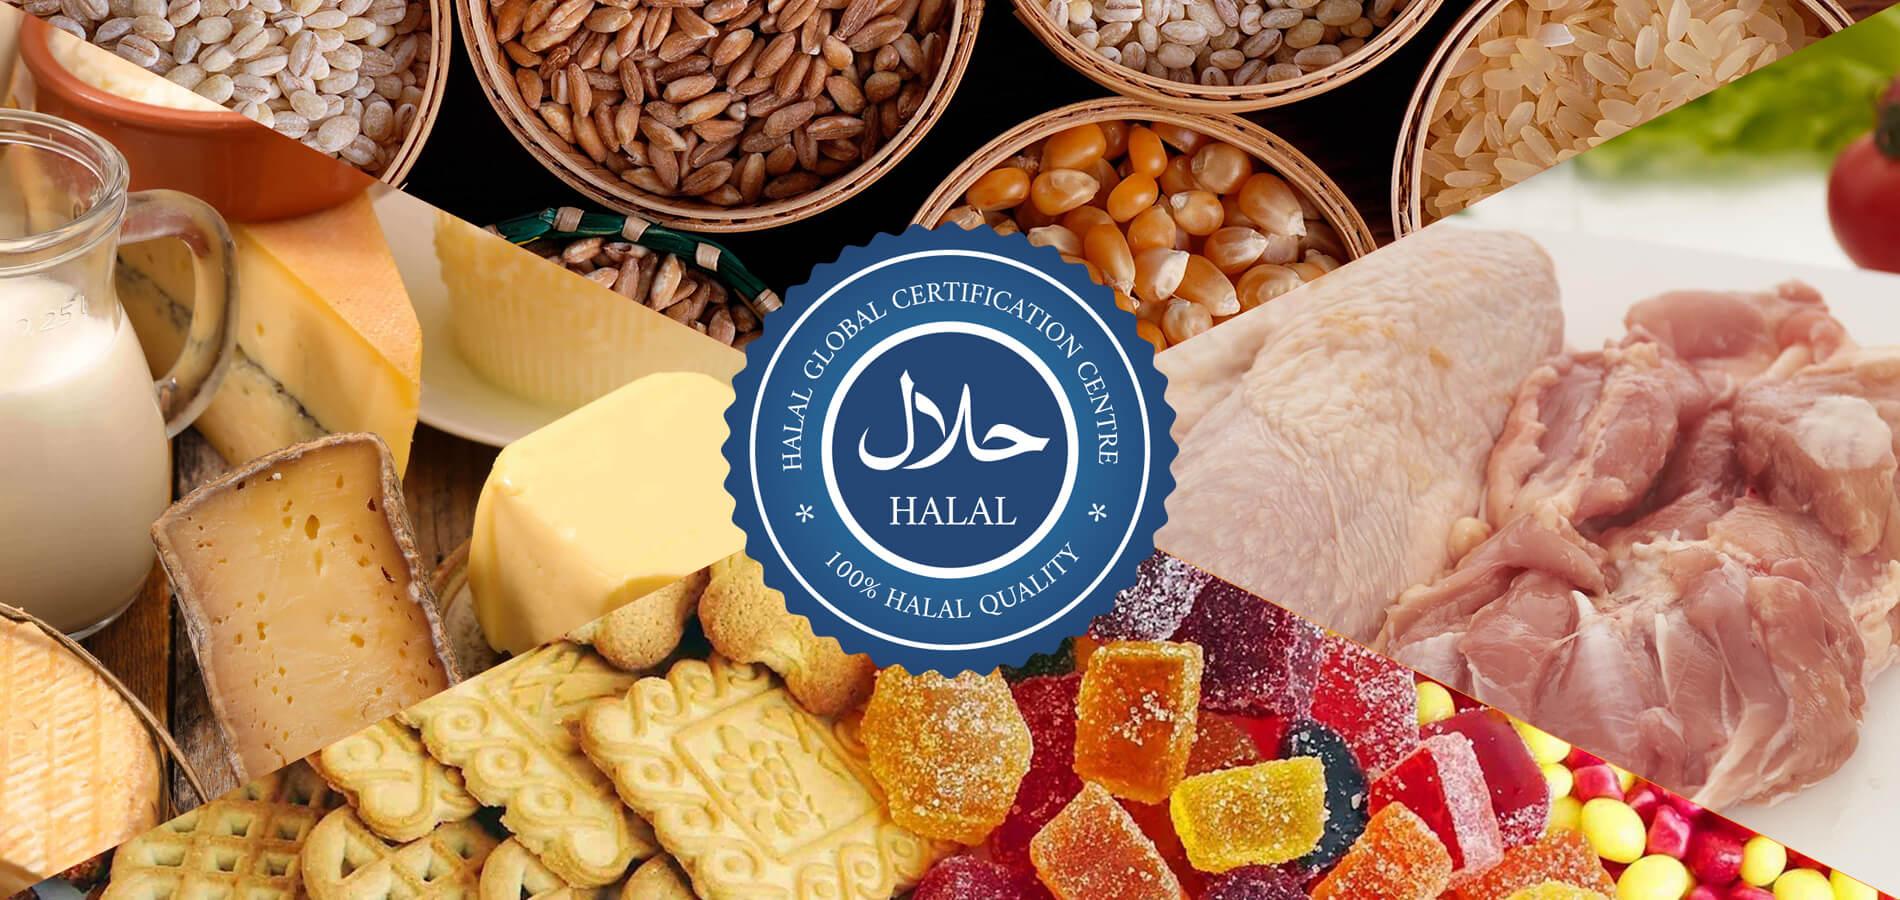 """Міжнародна організація по сертифікації продуктів харчування за стандартом """"Халяль"""" в Україні"""